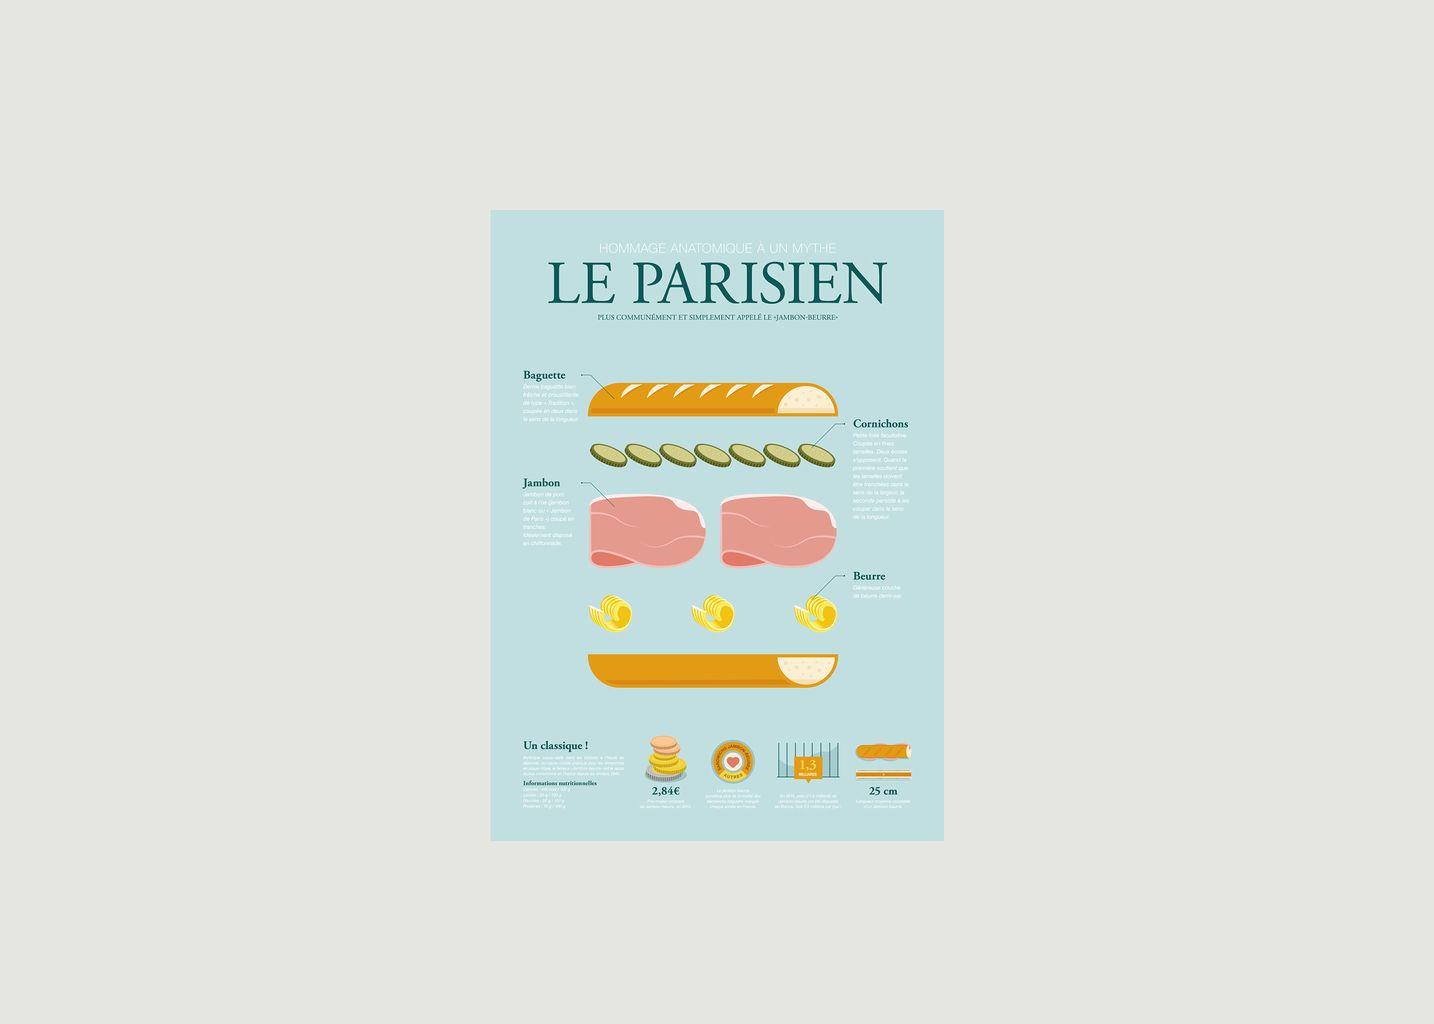 Anatomie du Parisien - La Majorette à Moustache